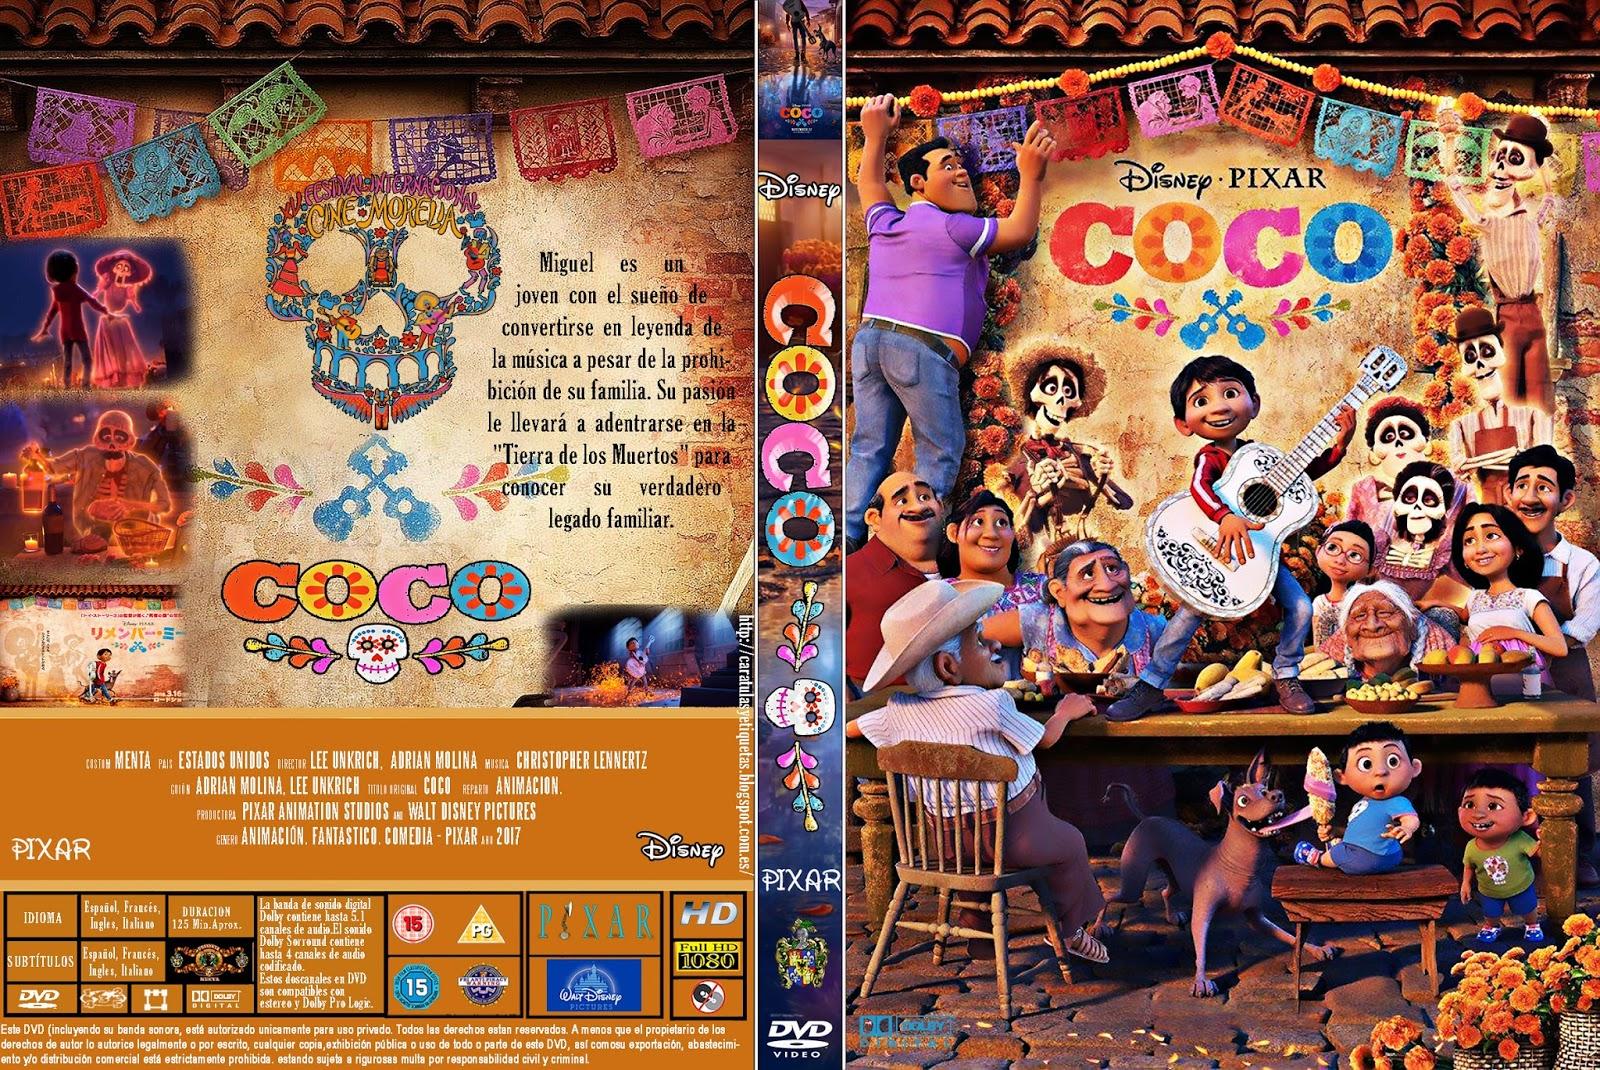 Perdon Por La Espera 2 Coco Descargar - admanasle ga